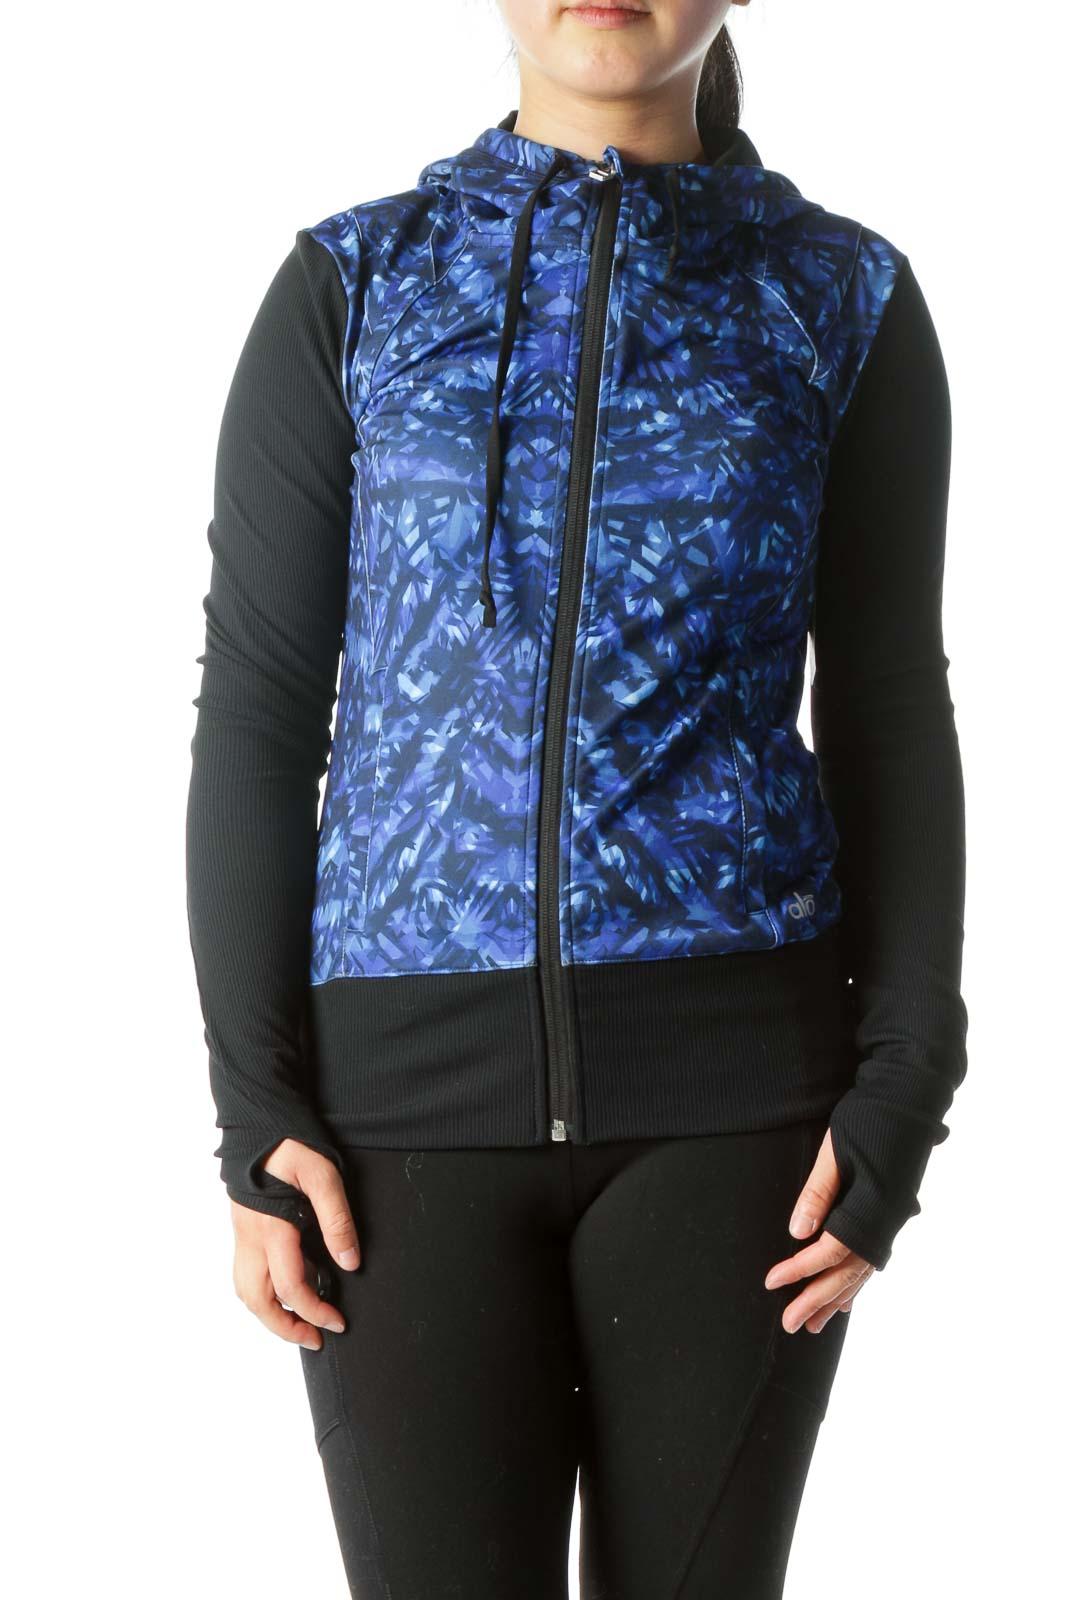 Blue Black Hooded Sport Jacket Front